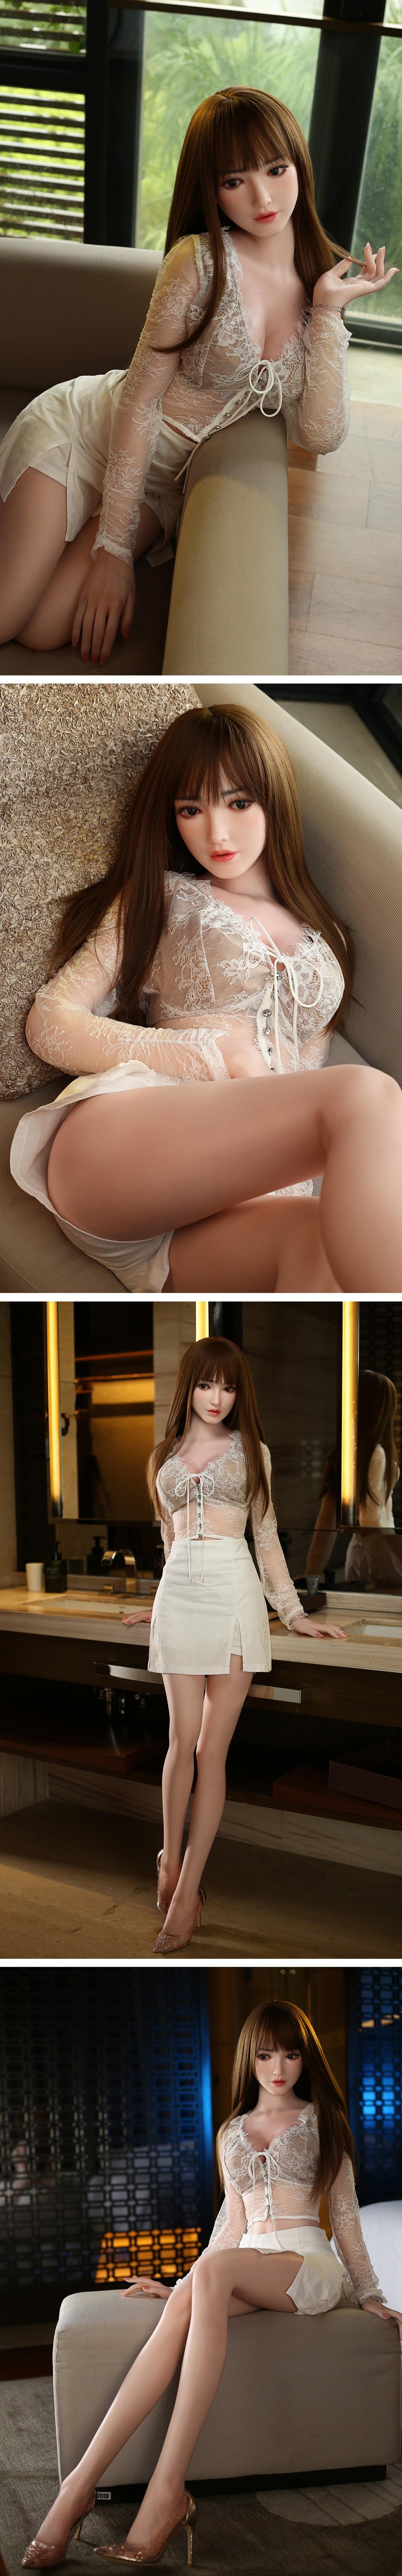 리얼돌,리얼레이디,러브돌,섹스돌